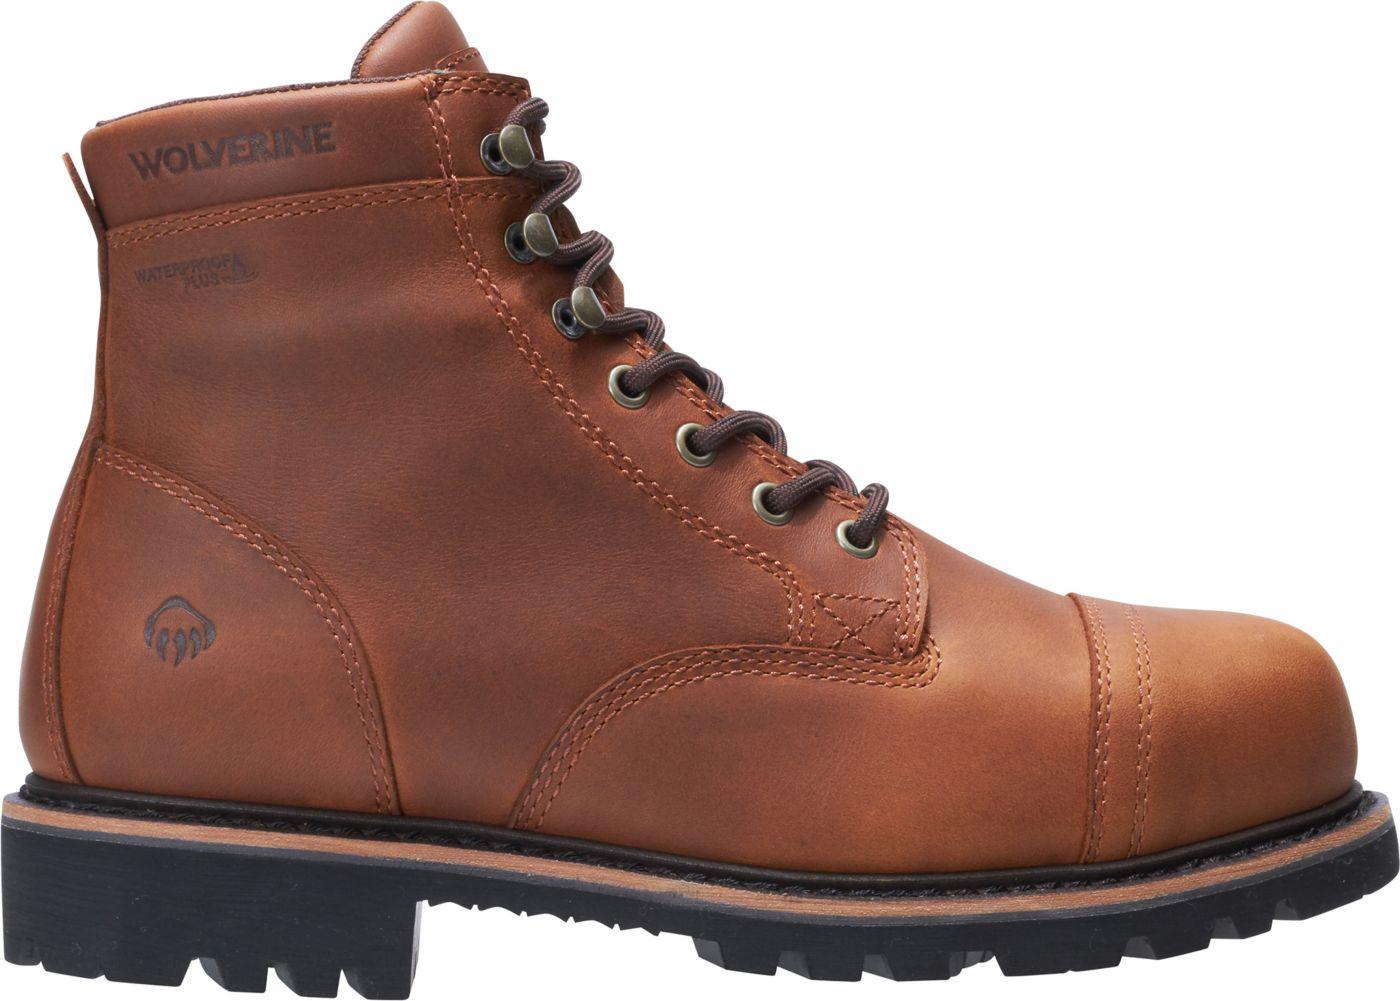 Wolverine Men's Journeyman 6'' Waterproof Composite Toe Work Boots